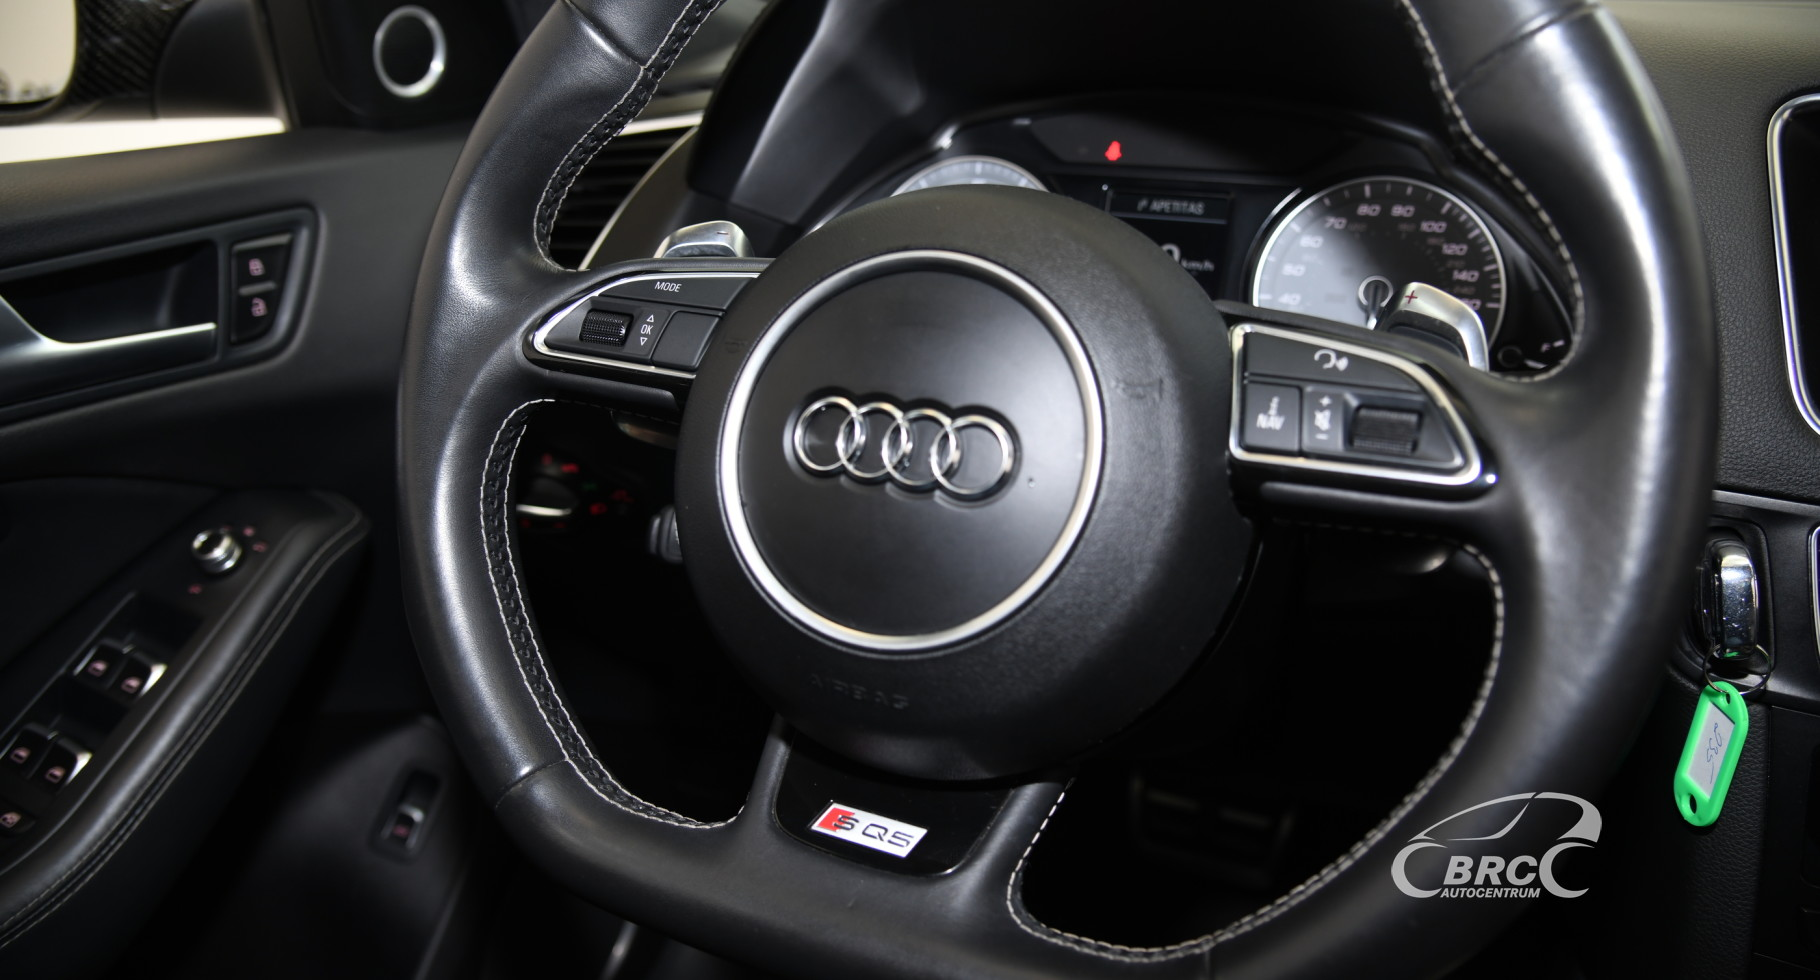 Audi SQ5 3.0 T Premium Plus Quattro Automatas